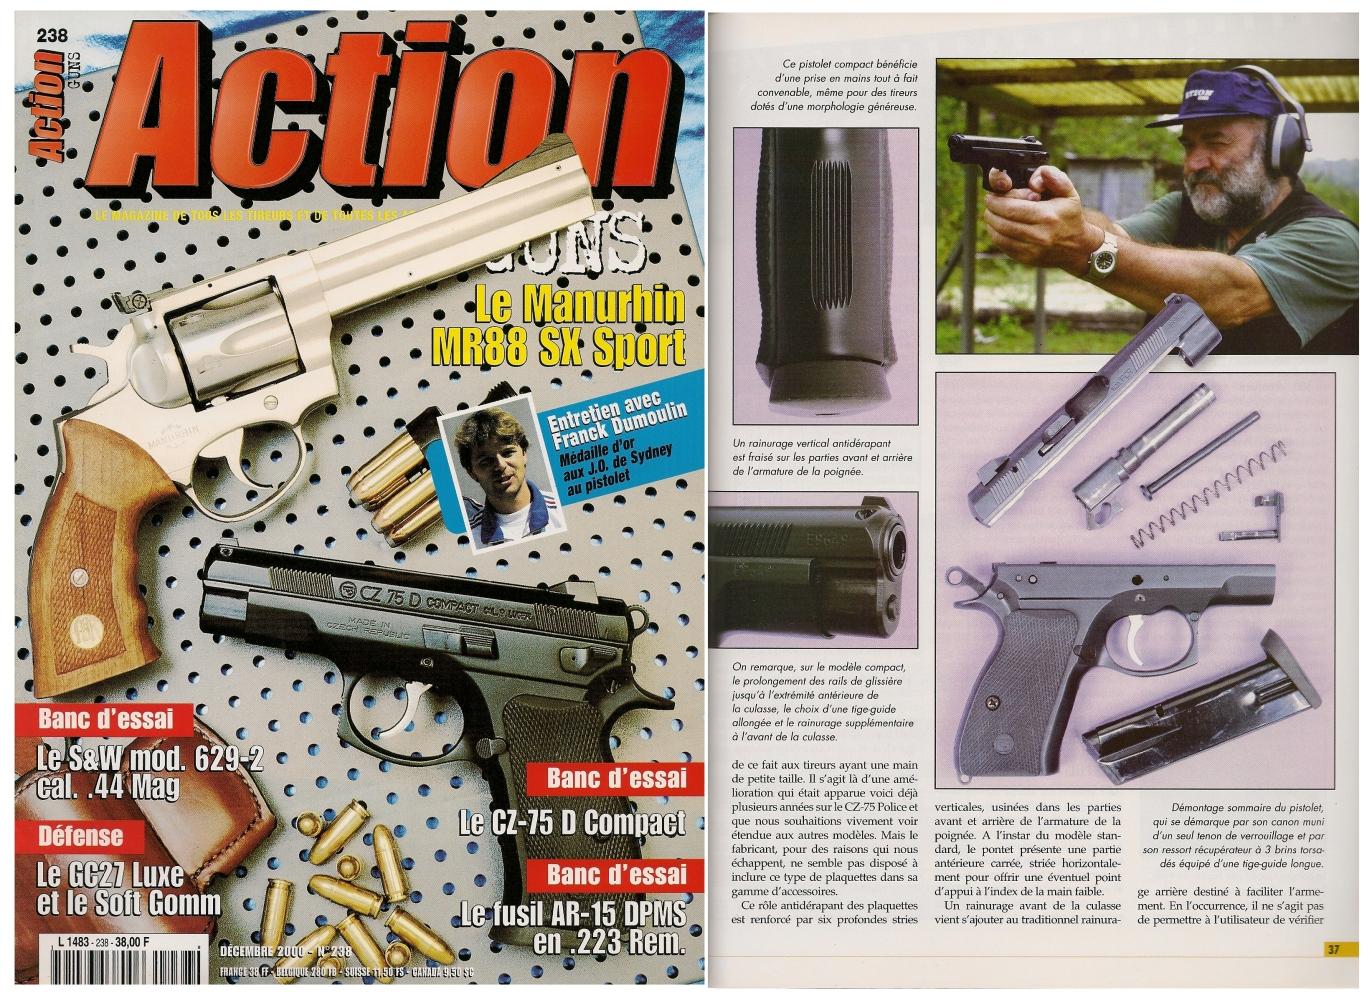 Le banc d'essai du pistolet CZ-74 D Compact a été publié sur 6 pages dans le magazine Action Guns n°238 (décembre 2000).